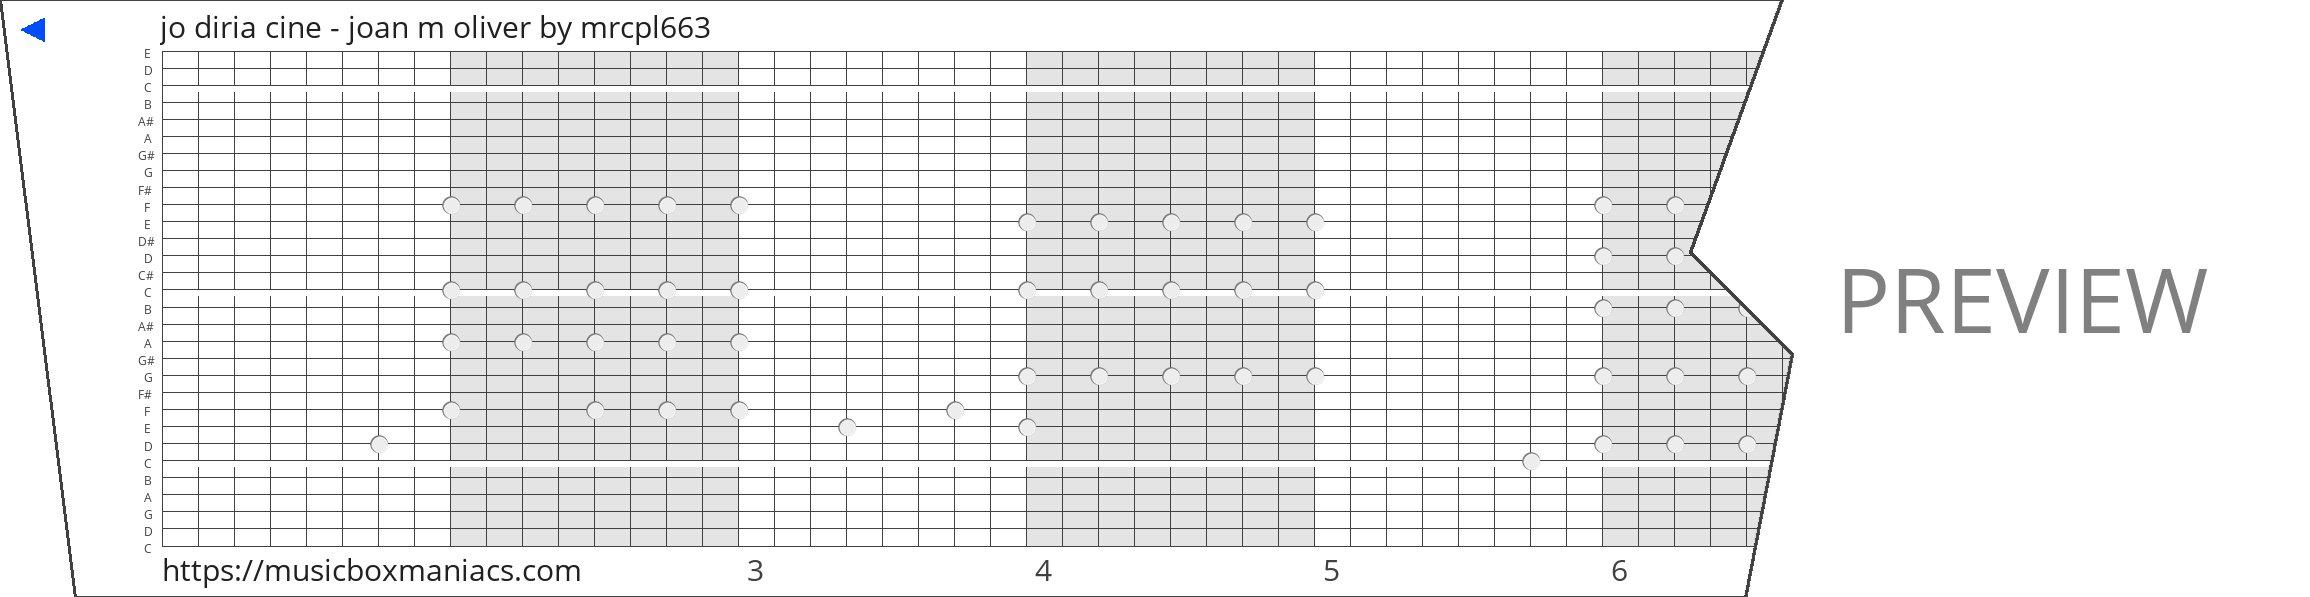 jo diria cine - joan m oliver 30 note music box paper strip